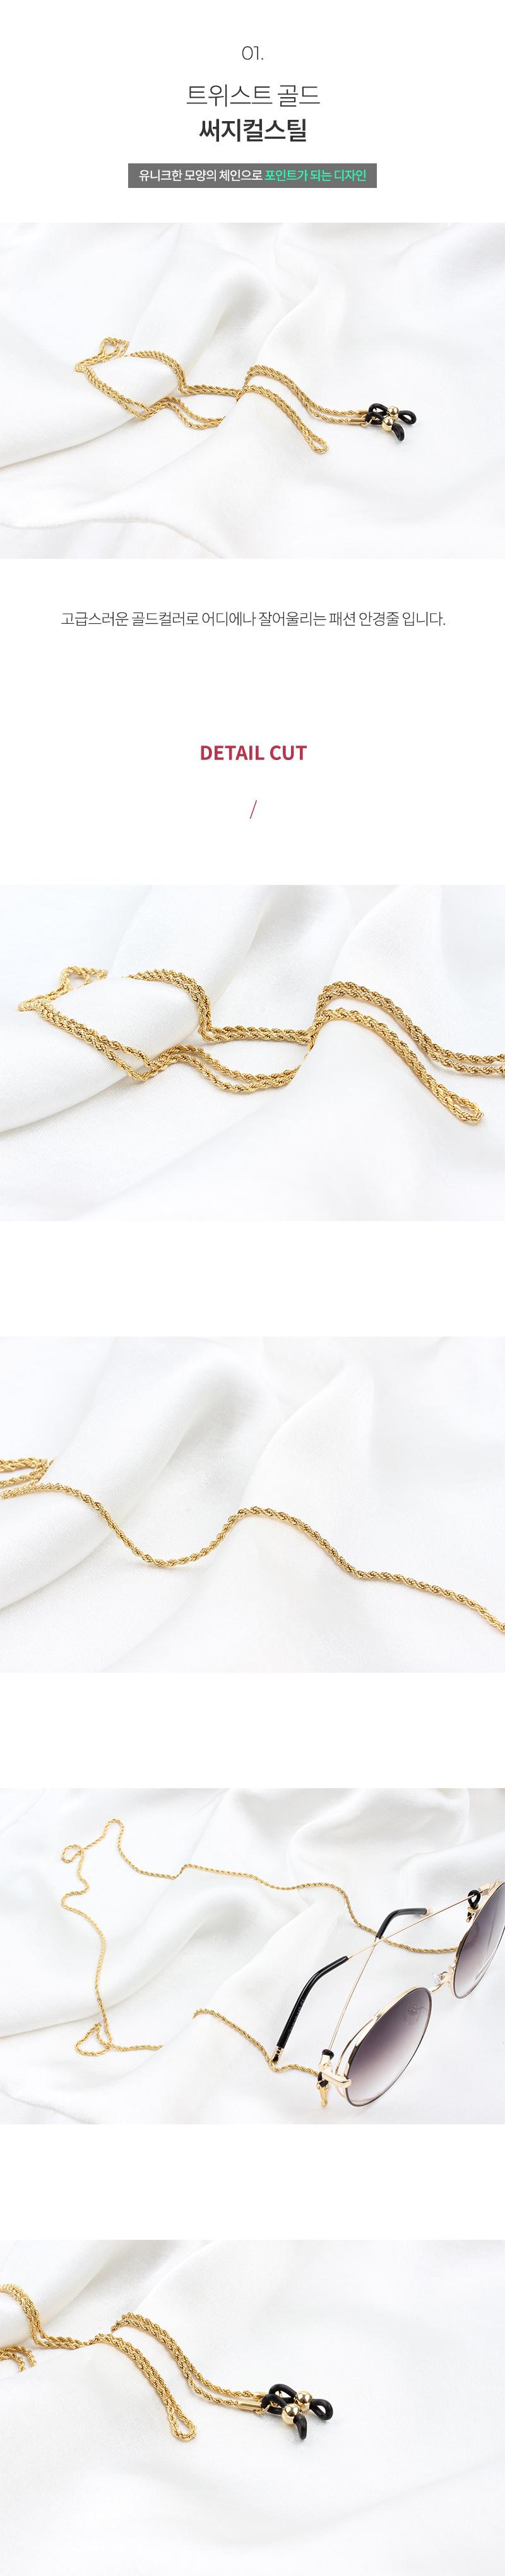 레이븐 티얼스(RAVEN TEARS) 트위스트 골드 써지컬 체인 안경줄/선글라스줄